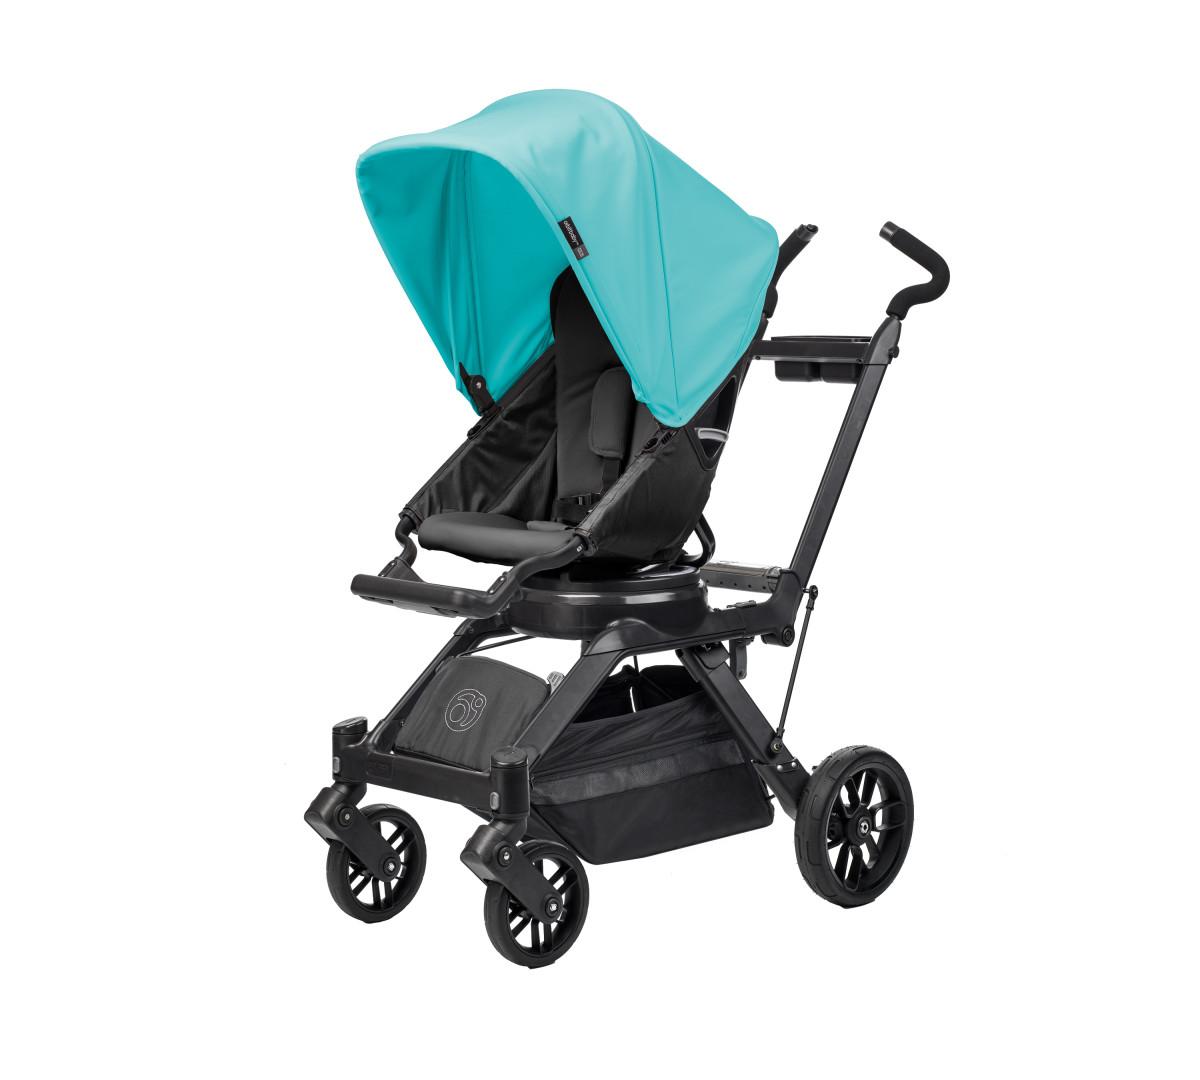 New Strollers For 2014 Archives Momtrendsmomtrends